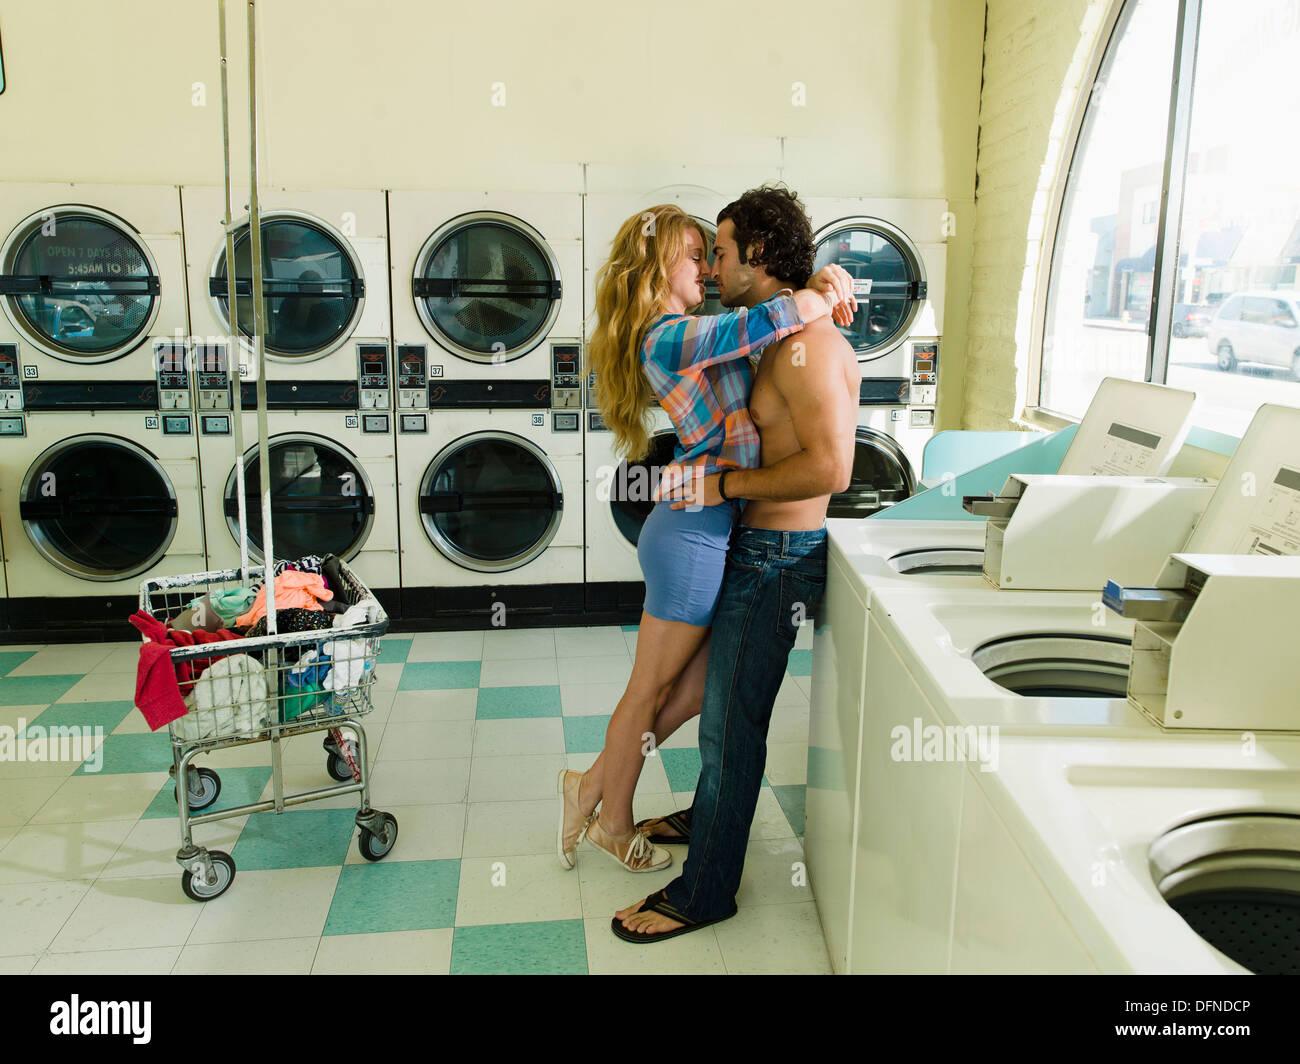 Une jolie femme en étreignant un corps nu jeune homme à San Diego coin laverie. Photo Stock